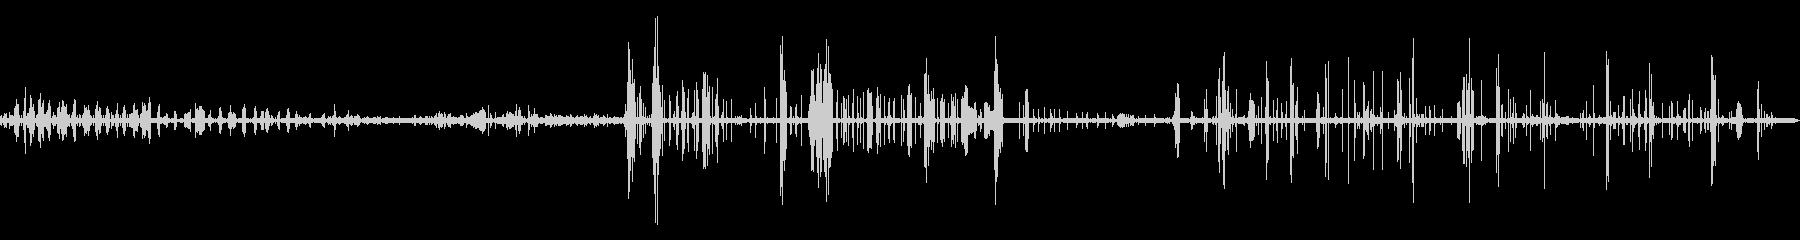 竹林の活発な鳥の鳴き声【秋、夕方】の未再生の波形